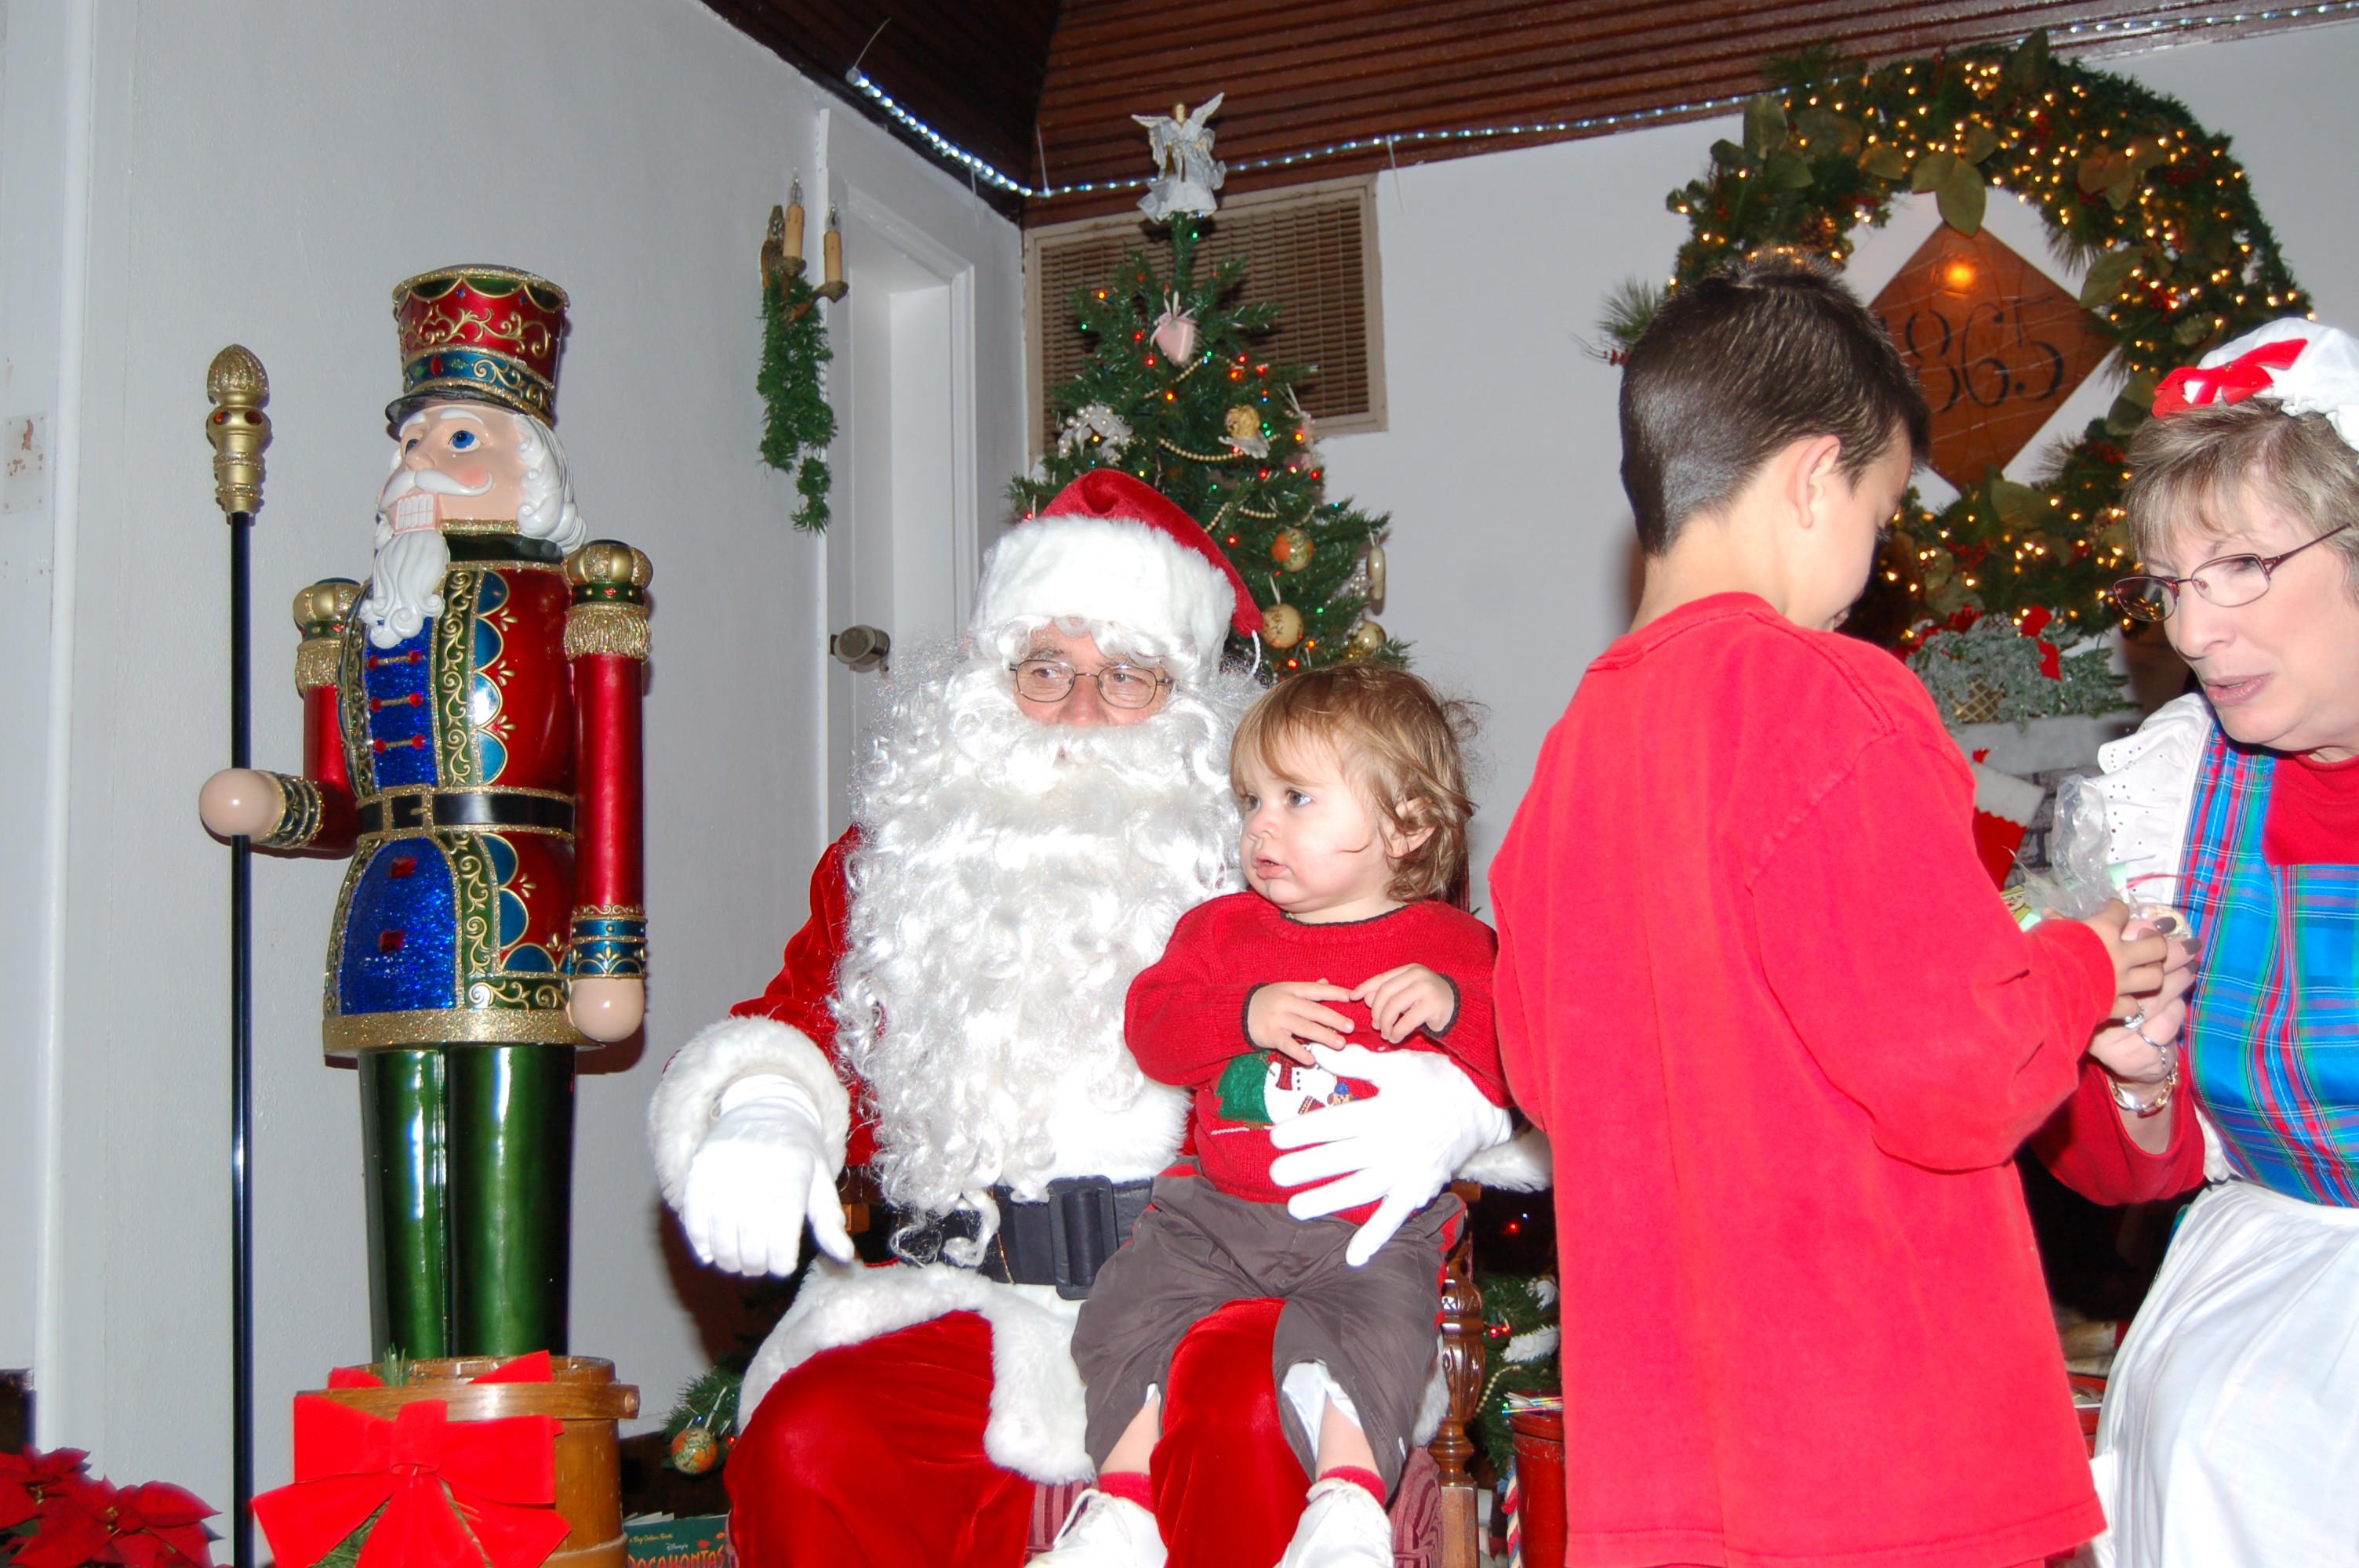 LolliPop+Lane+12-12-2008+Picture+033.jpg